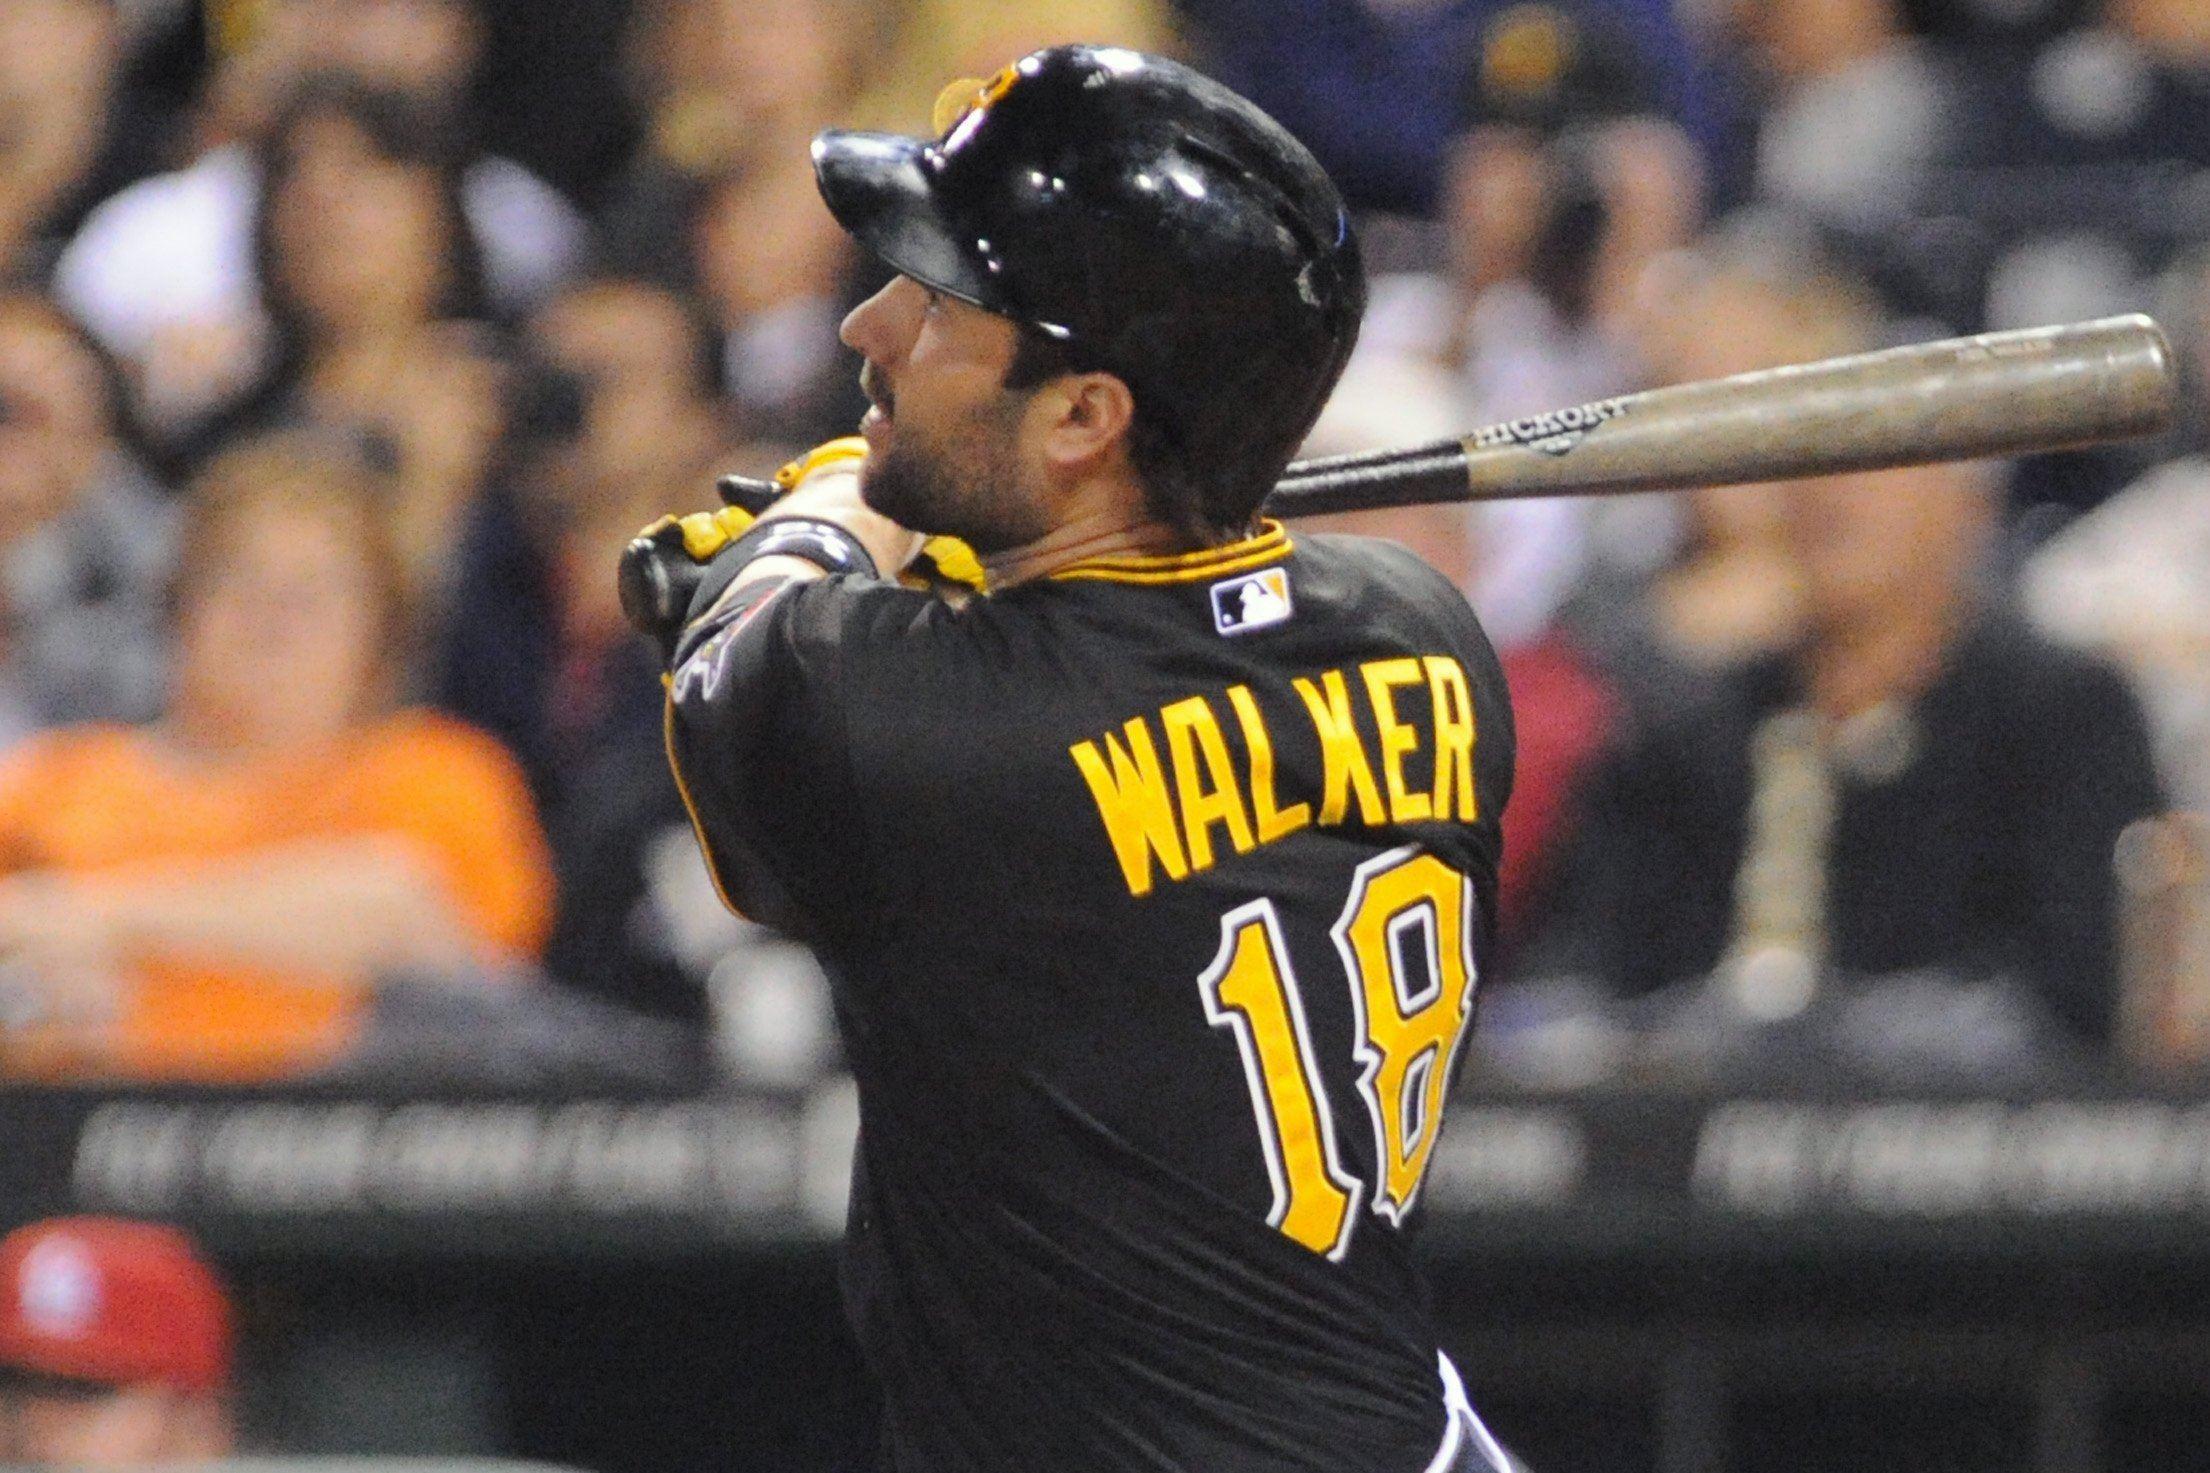 Neil Walker 1B New York Yankees MLB Baseball